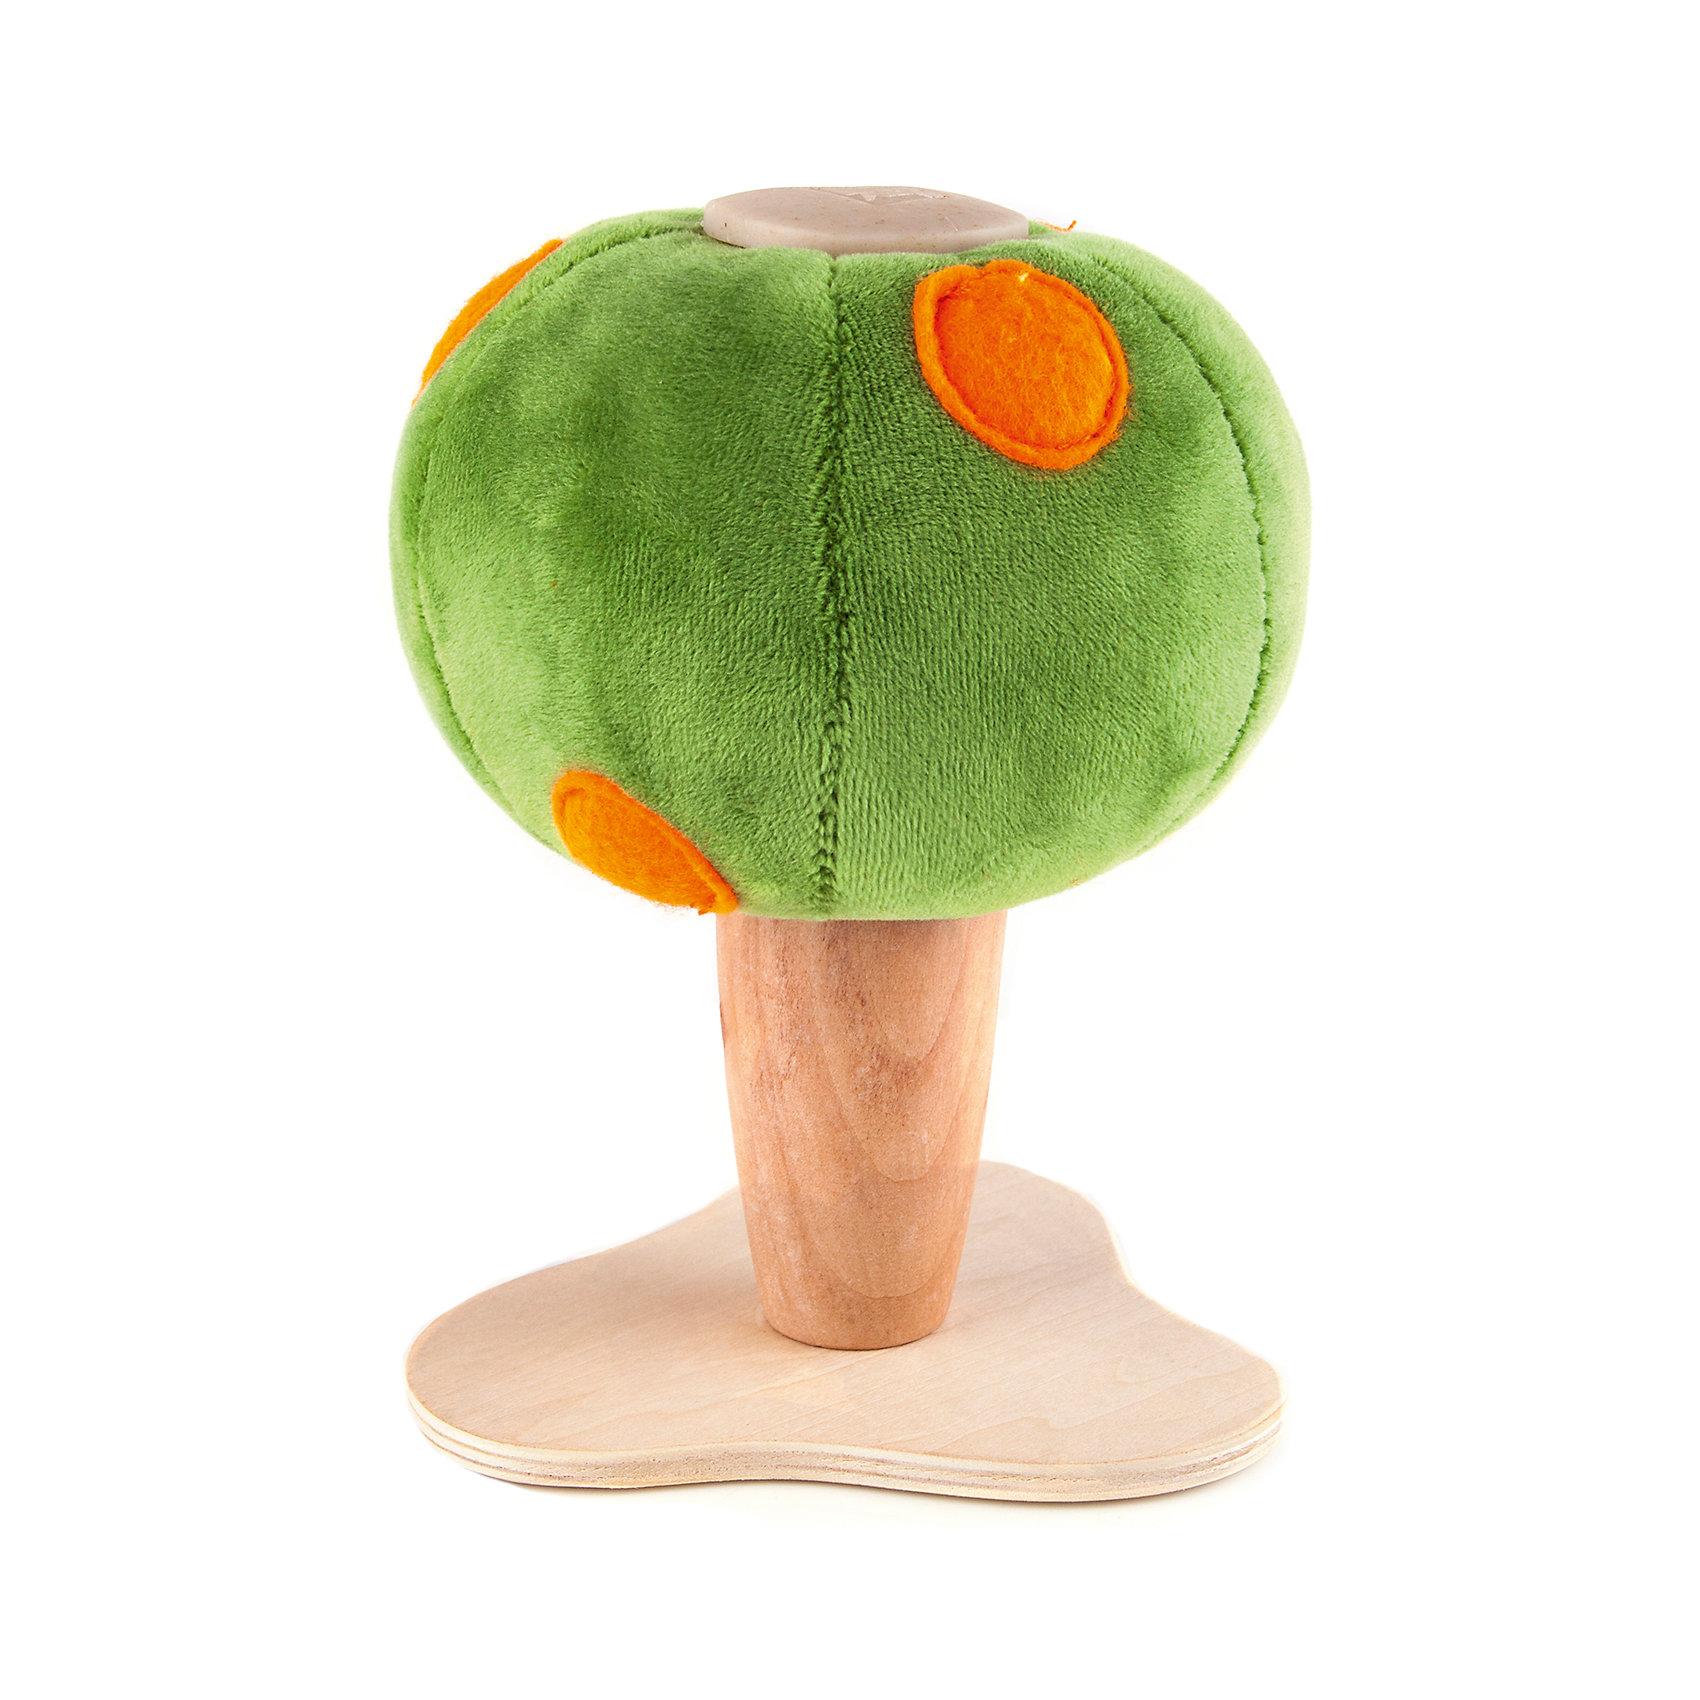 Апельсиновое дерево,  AnaMalzМир животных<br>Чудесные деревянные игрушки AnaMalz очаруют и детей и их родителей, а их трогательный внешний вид и оригинальный современный дизайн изменят Ваше привычное представление о деревянных игрушках. Придуманные австралийским дизайнером Луизой Косан-Скотт, деревянные фигурки покоряют своим уютом и пластичностью и уже завоевали множество наград, включая международную премию в области дизайна Standards Australia. Для изготовления игрушек используется быстрорастущее игольчатое дерево (schima superba), которое специально выращивают на плантациях. Отдельные детали зверюшек выполнены из натуральных тканей и термопластичной резины (TPR) - безопасного материала, который является экологичной альтернативой пластмассе. Все фигурки AnaMalz раскрашиваются вручную с использованием безопасной для детей краски.<br><br>Симпатичное апельсиновое деревце AnaMalz станет отличным дополнением к деревянным зверюшкам и красочной декорацией для множества игр. Ствол и основание игрушки выполнены из дерева и имеют гладкую, приятную на ощупь поверхность. Зеленая плюшевая крона украшена аппликацией из войлока в виде ярких апельсинов. Игрушка, выполненная из дерева и различных фактур, способствует развитию у ребенка тактильного восприятия и мелкой моторики.<br><br>Дополнительная информация:<br><br>- Материал: дерево, ткань.<br>- Размер игрушки: 11 х 11 х 16 см.<br>- Вес: 125 гр.<br><br>Апельсиновое дерево, AnaMalz, можно купить в нашем интернет-магазине.<br><br>Ширина мм: 11<br>Глубина мм: 11<br>Высота мм: 16<br>Вес г: 125<br>Возраст от месяцев: 36<br>Возраст до месяцев: 168<br>Пол: Унисекс<br>Возраст: Детский<br>SKU: 4010636